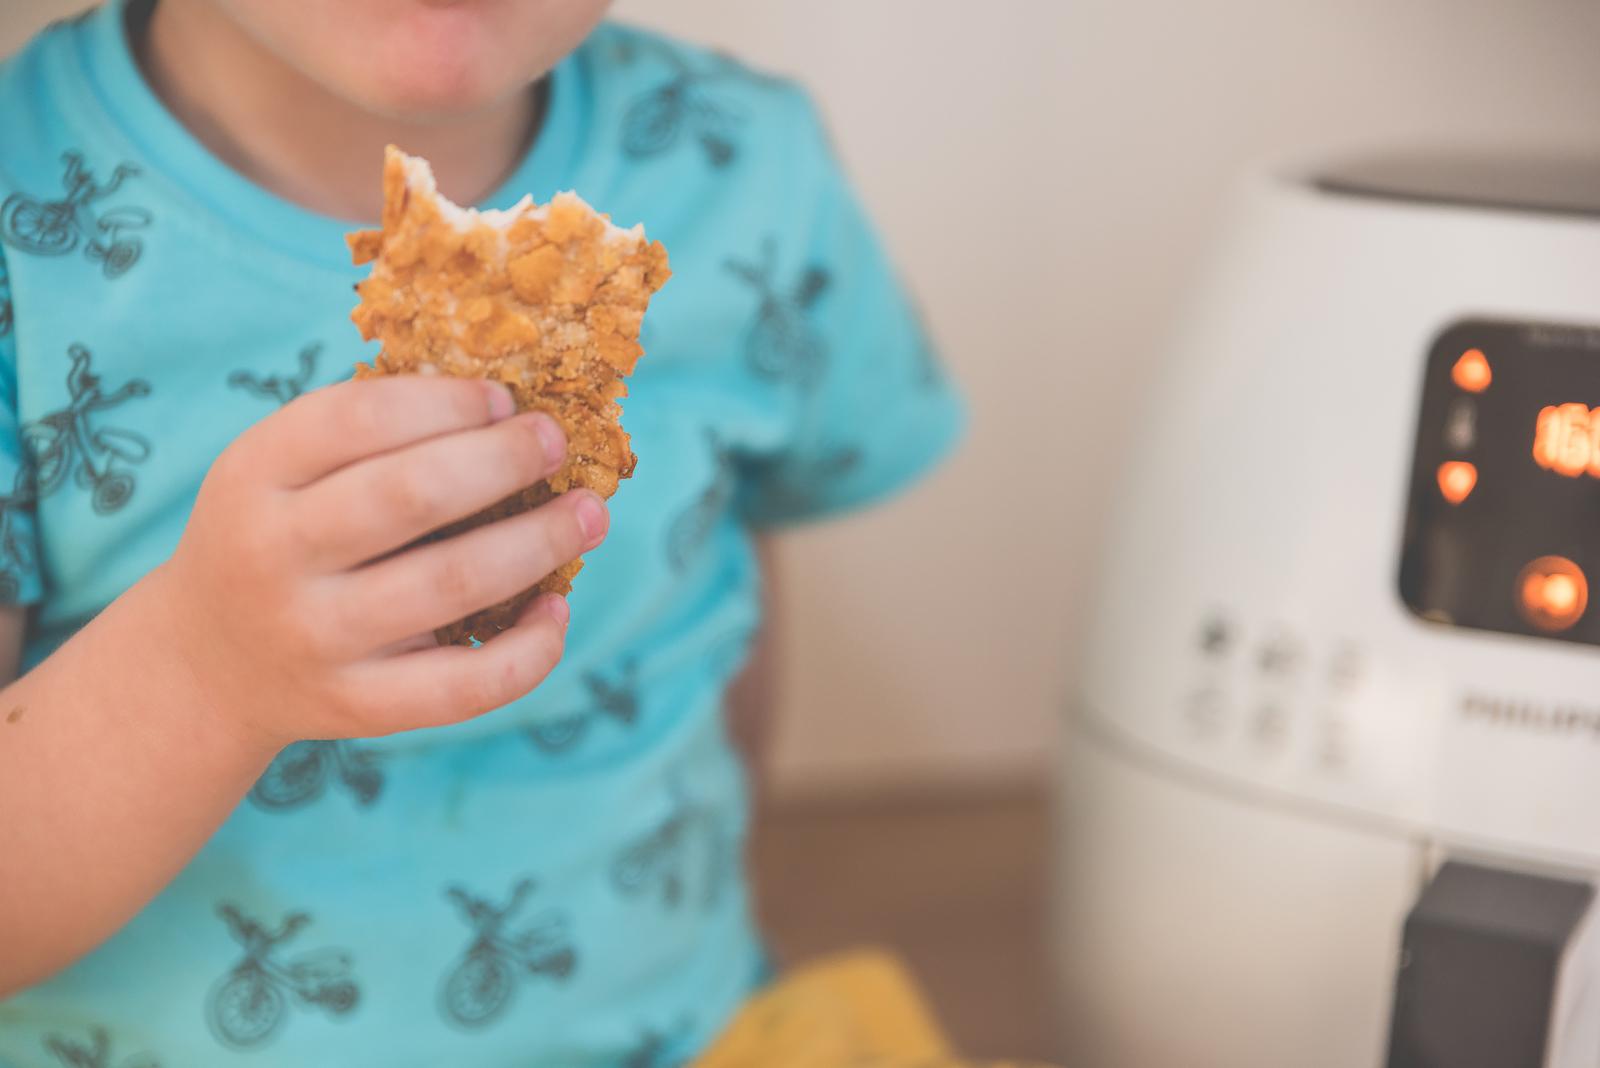 Philips Airfryer Przepisy Test Bakusiowo Domowe Frytki KFC w domu00037